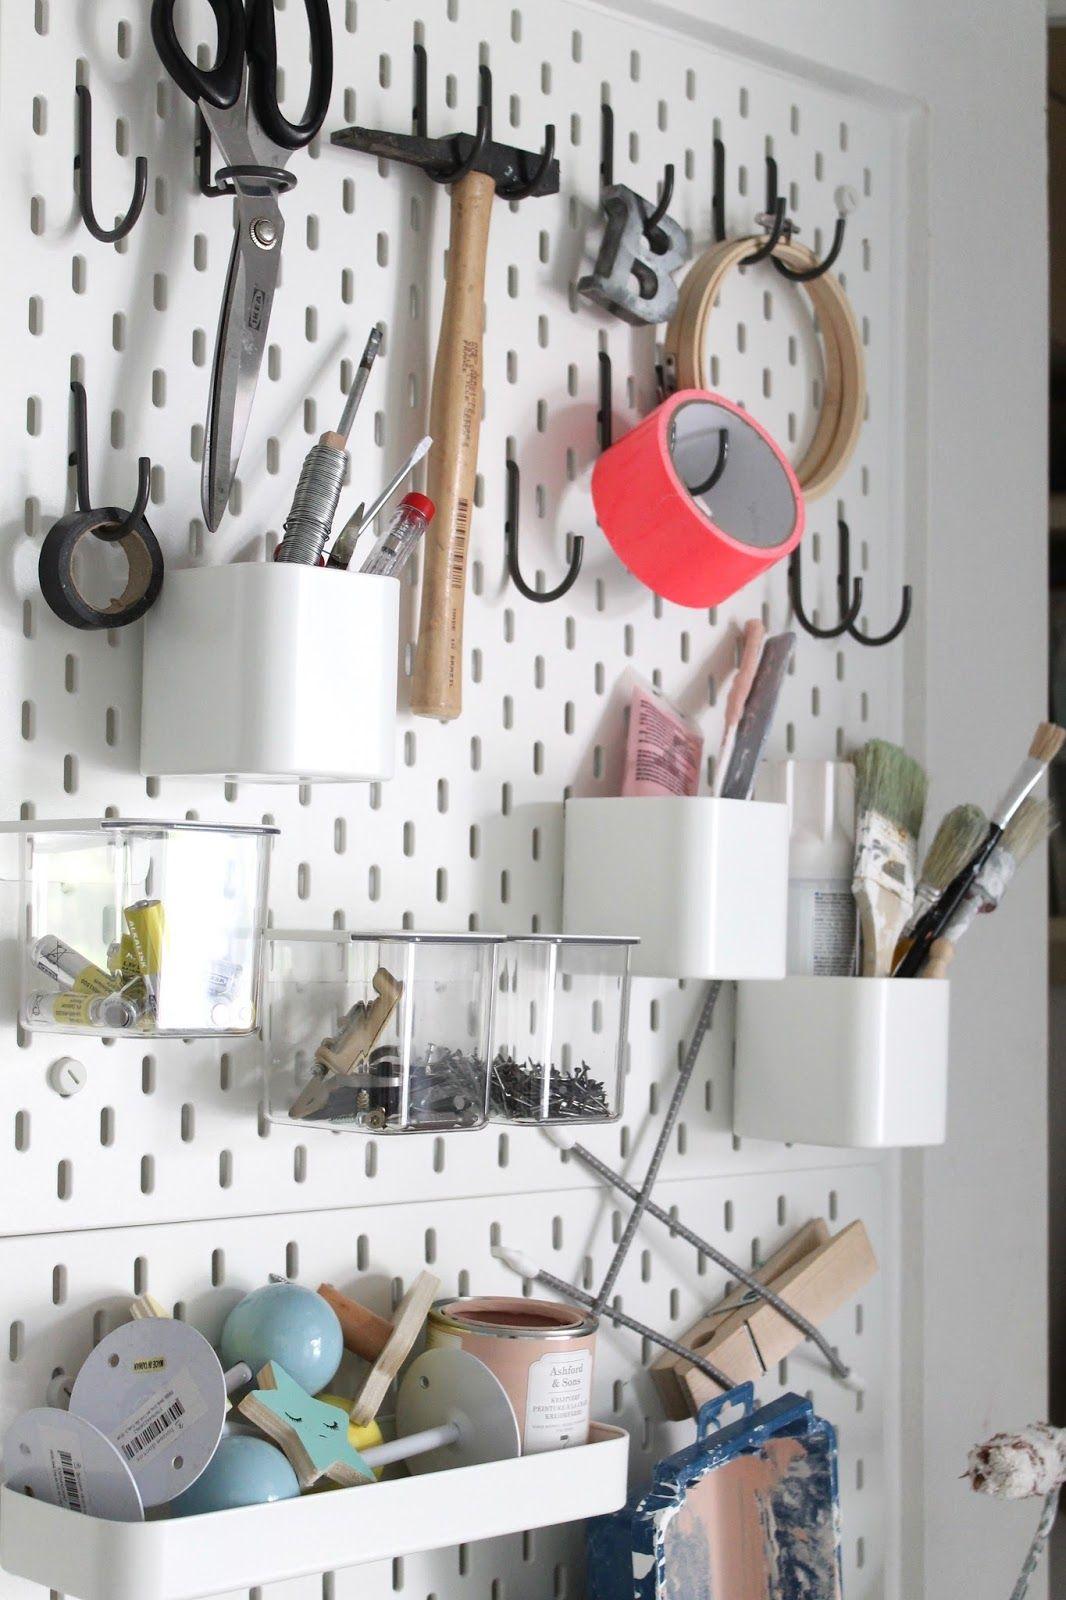 So Jetzt Mal Hand Auf S Herz Madels Die Ganzen Heimwerkerinnen Unter Euch Wie Bewahrt Ihr Eure Utensilien Wie Hammer Heimwerken Ikea Ideen Ikea Wandboard